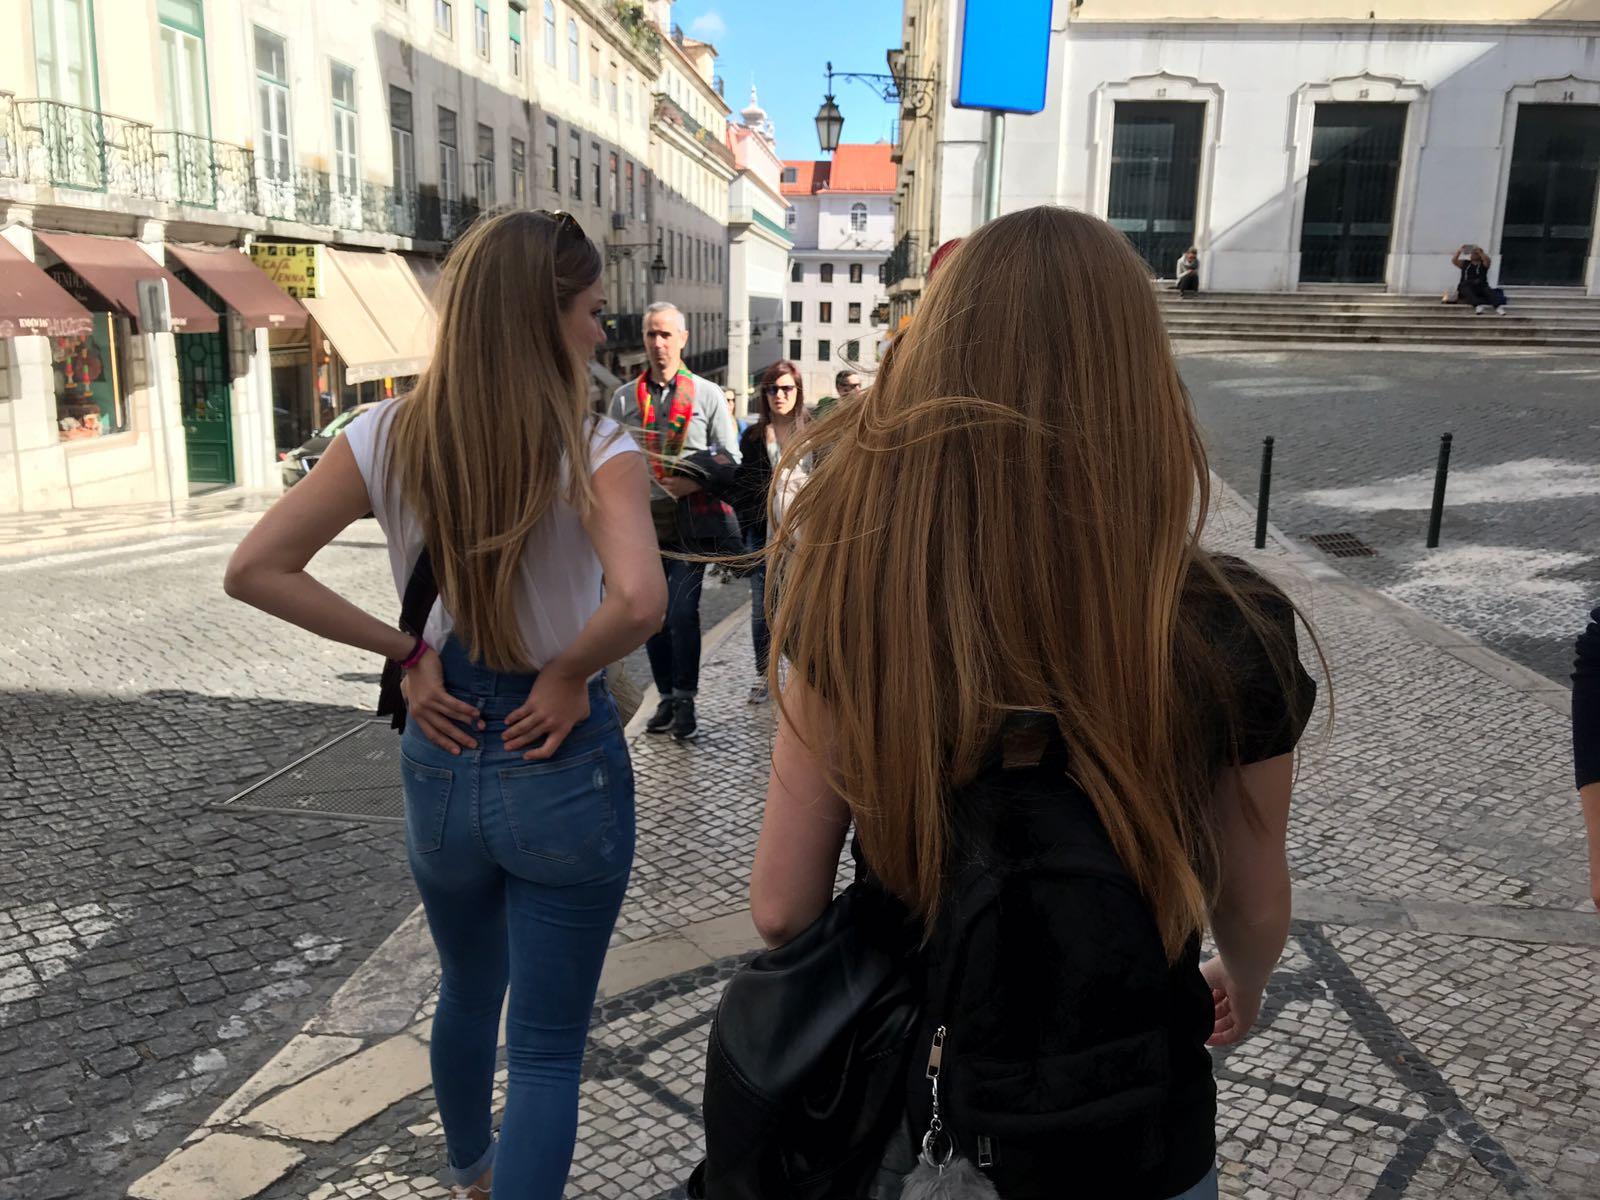 Városnézés Lisszabonban